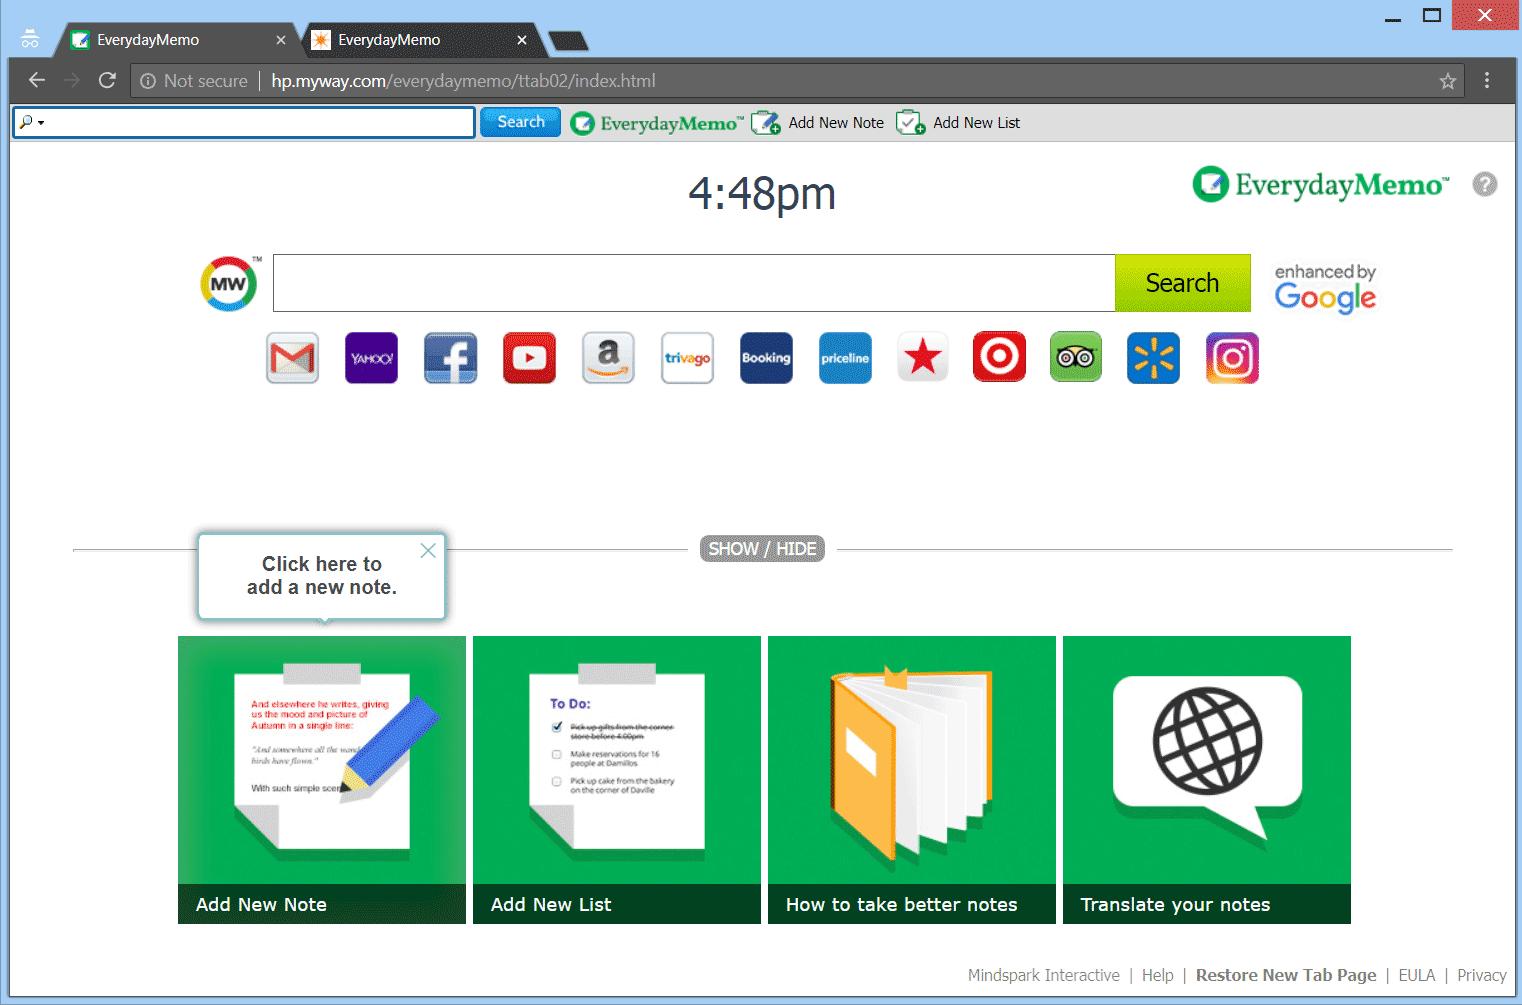 Retire EverydayMemo secuestrador del navegador